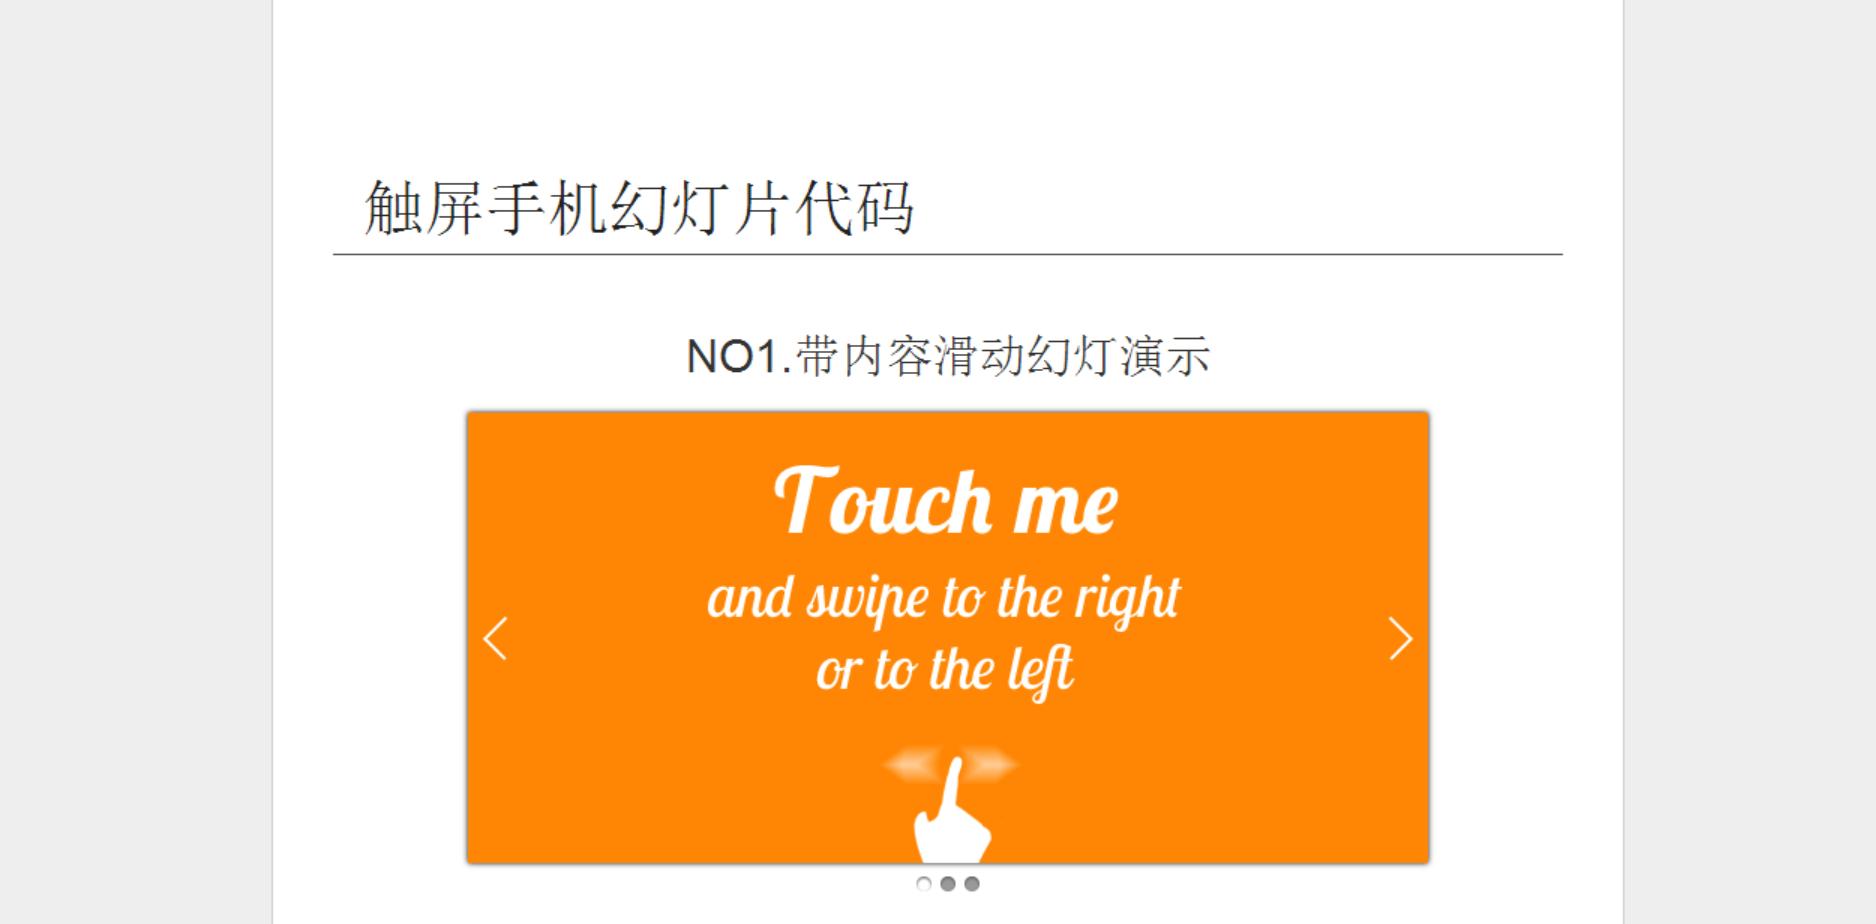 jquery 多种支持手机客户端、触摸屏滑动样式幻灯